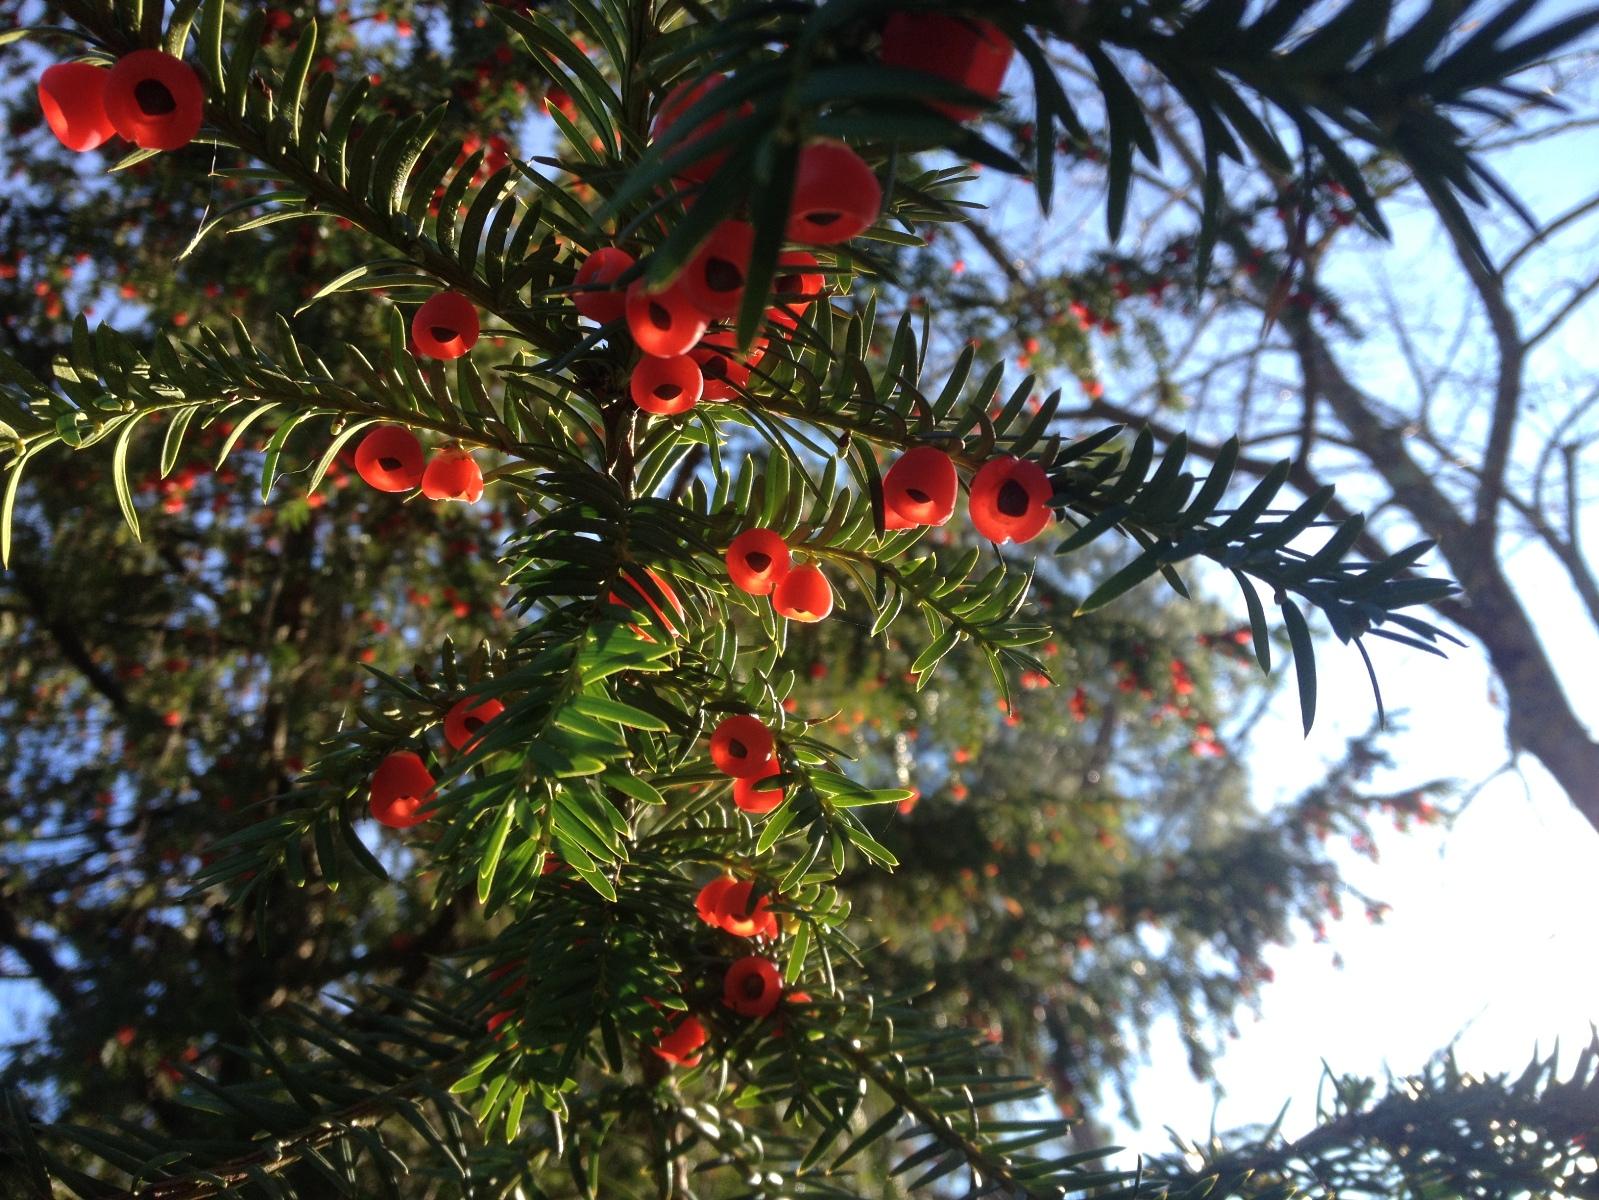 Albero Con Bacche Rosse le piante del castagnolino - l'albero del tasso